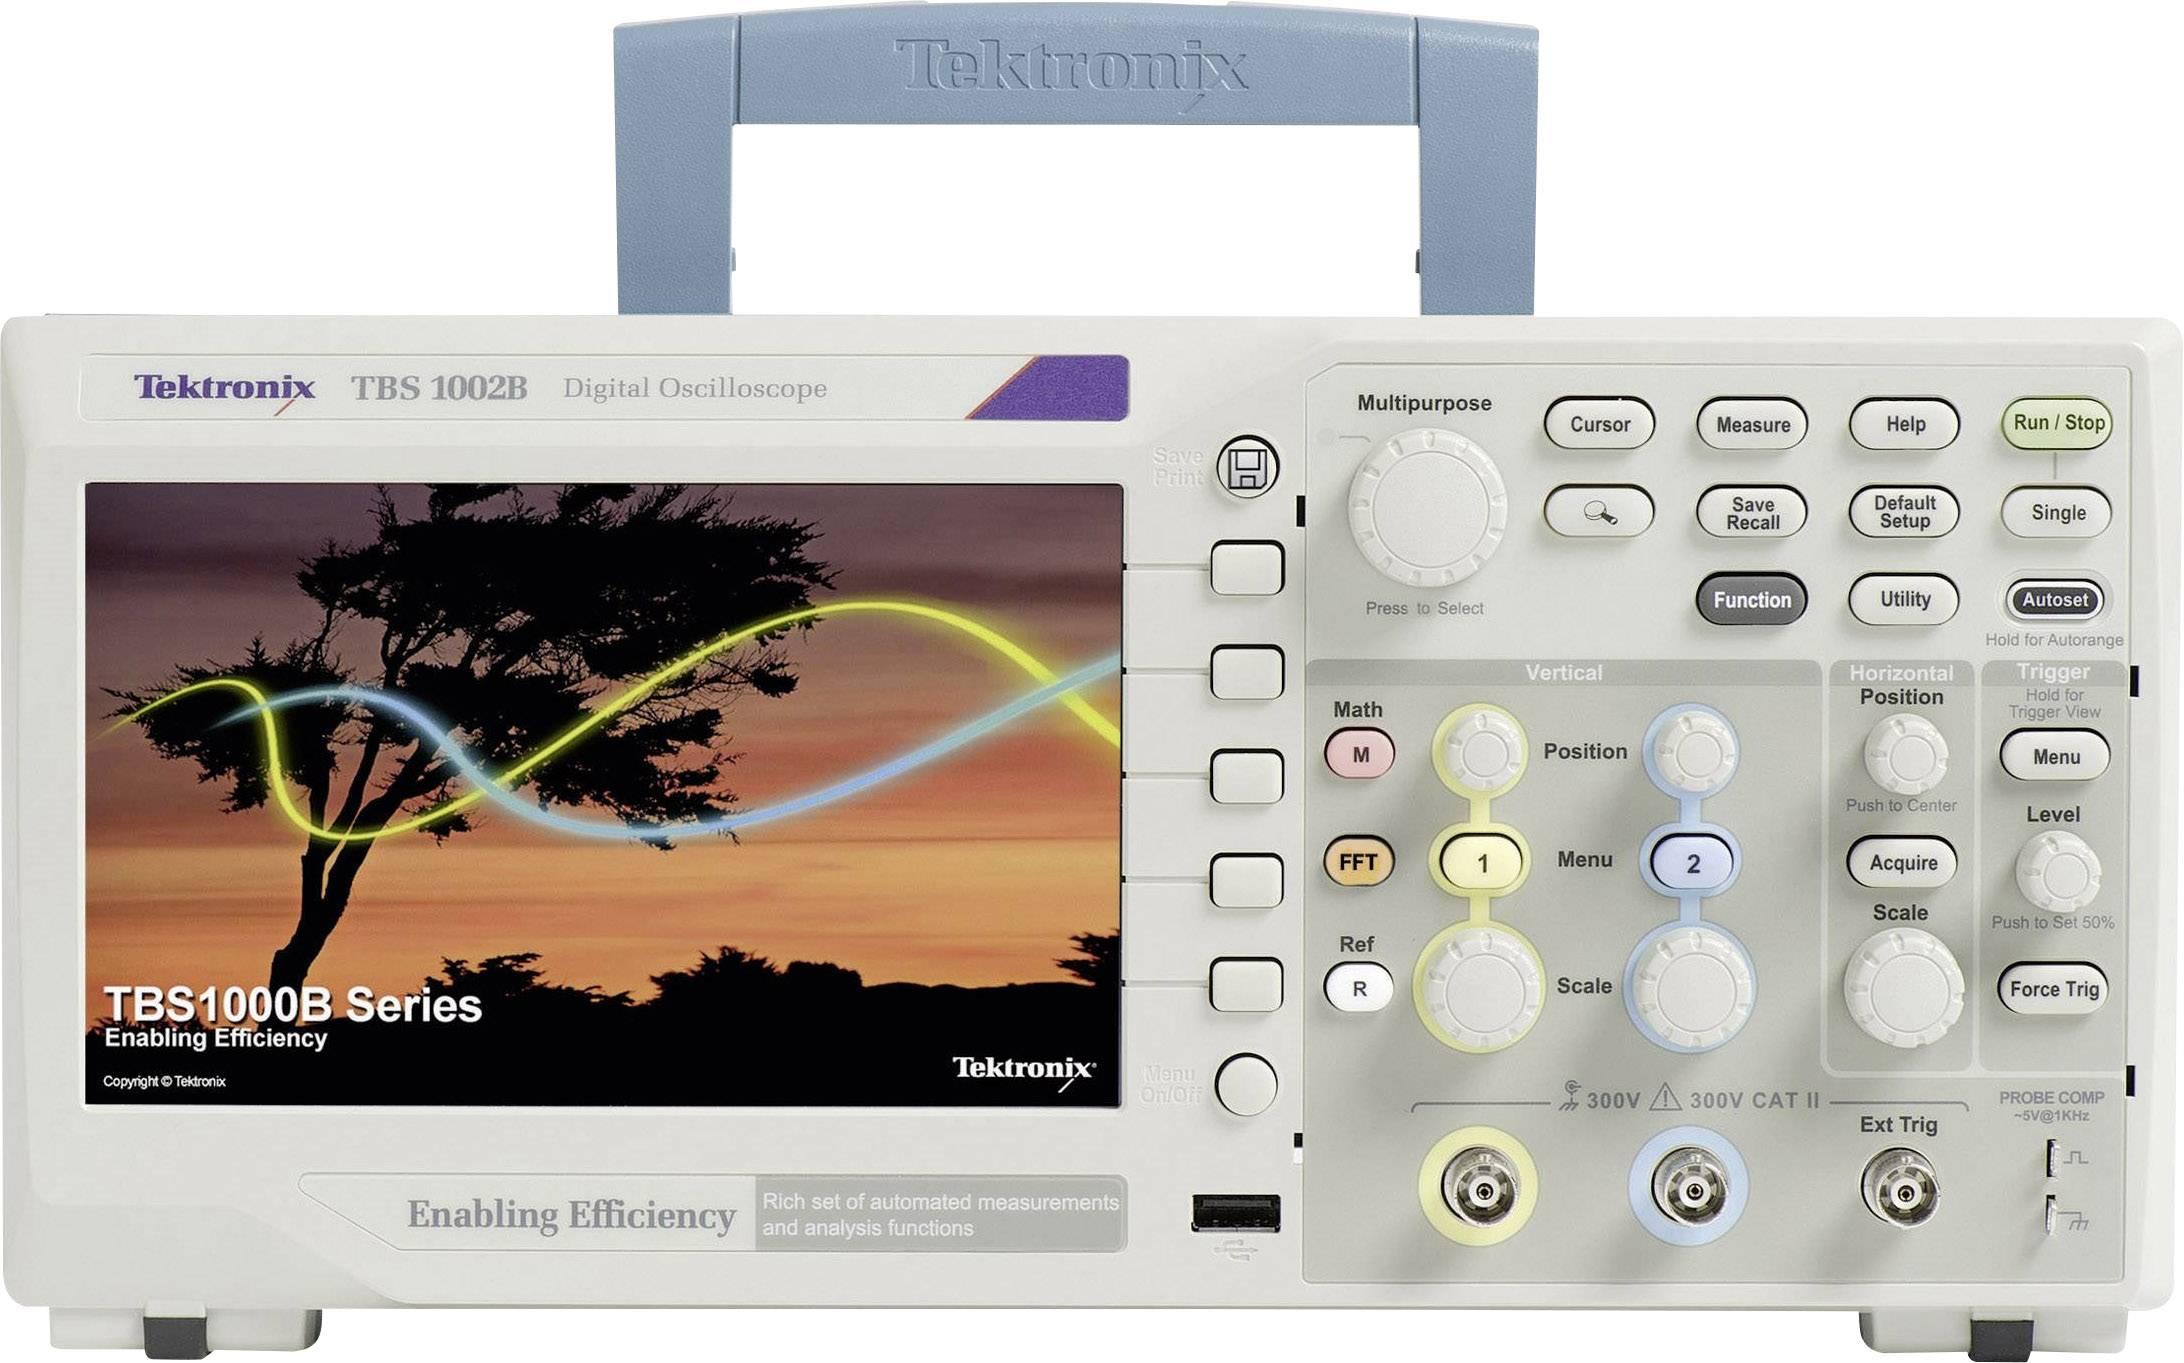 Digitální osciloskop Tektronix TBS1052B, 50 MHz, 2kanálová, Kalibrováno dle ISO